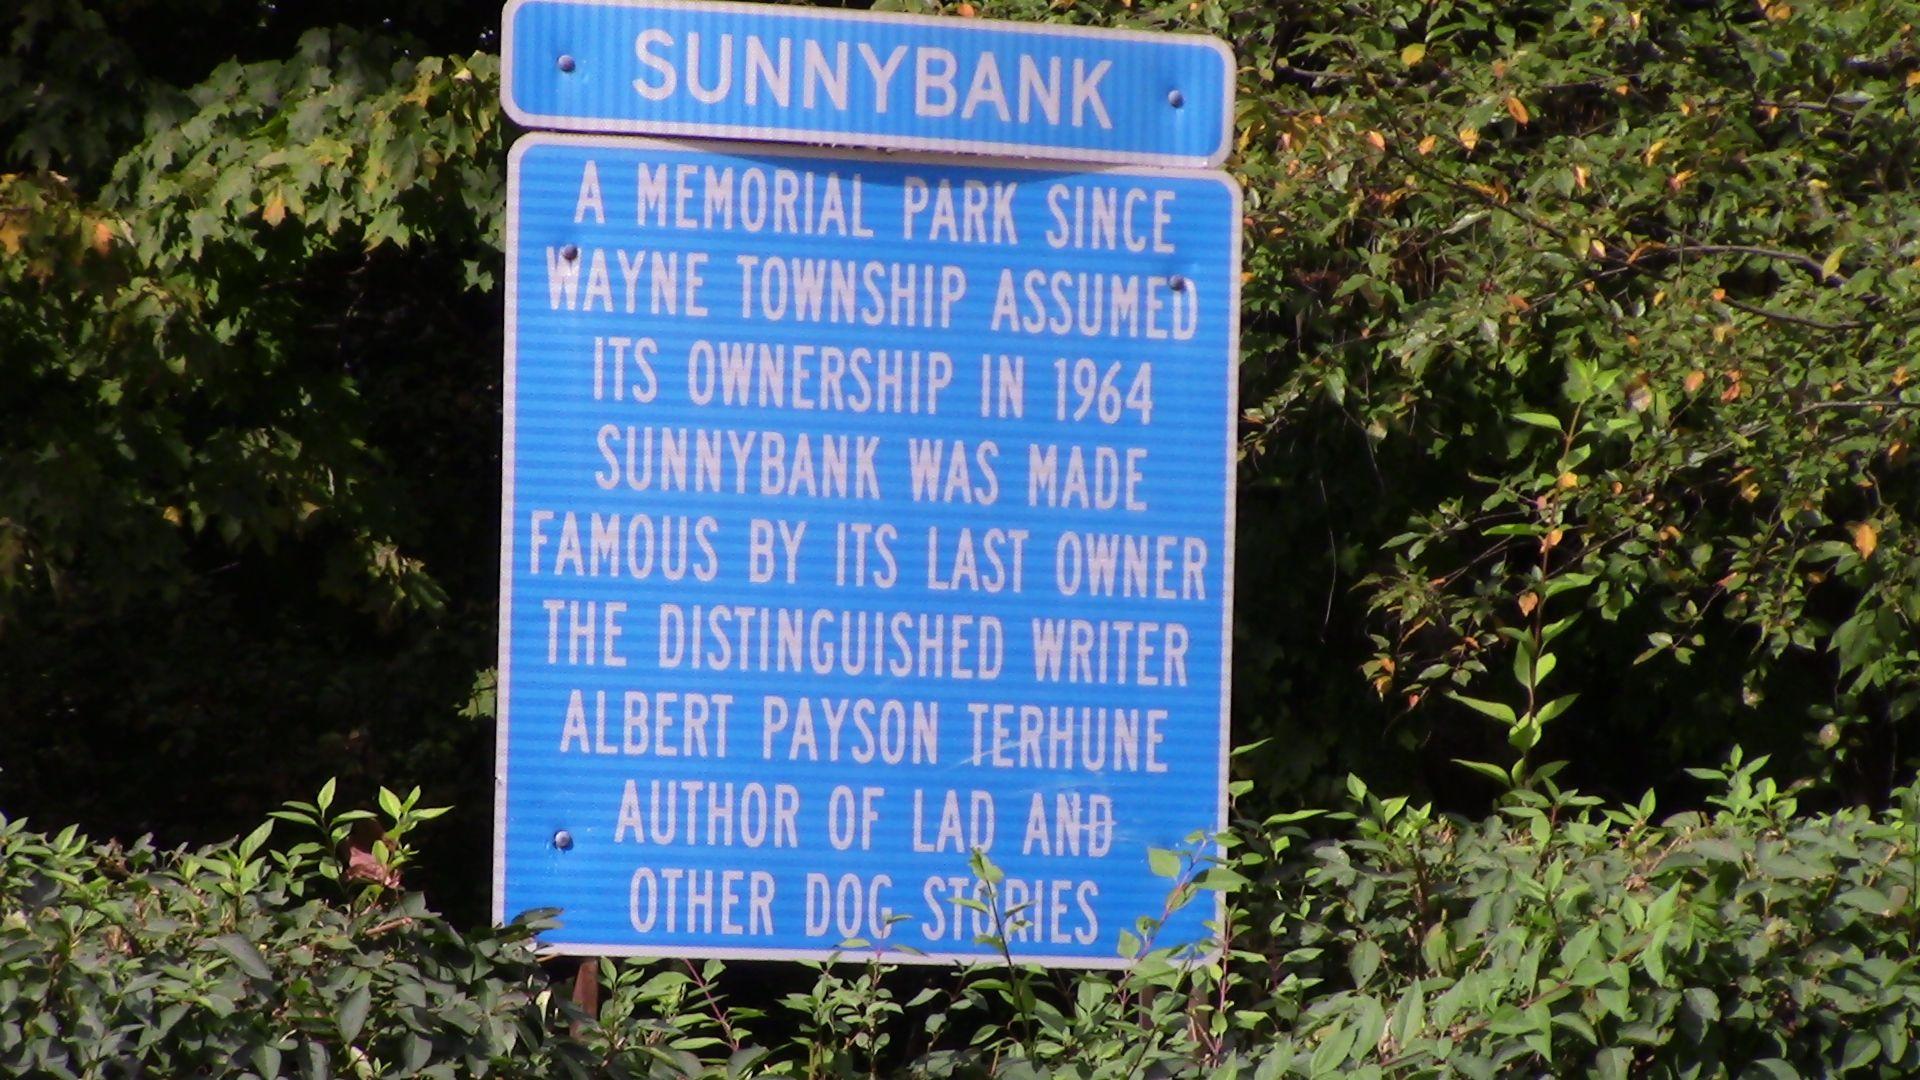 Sunnybank, Terhune Family Estate